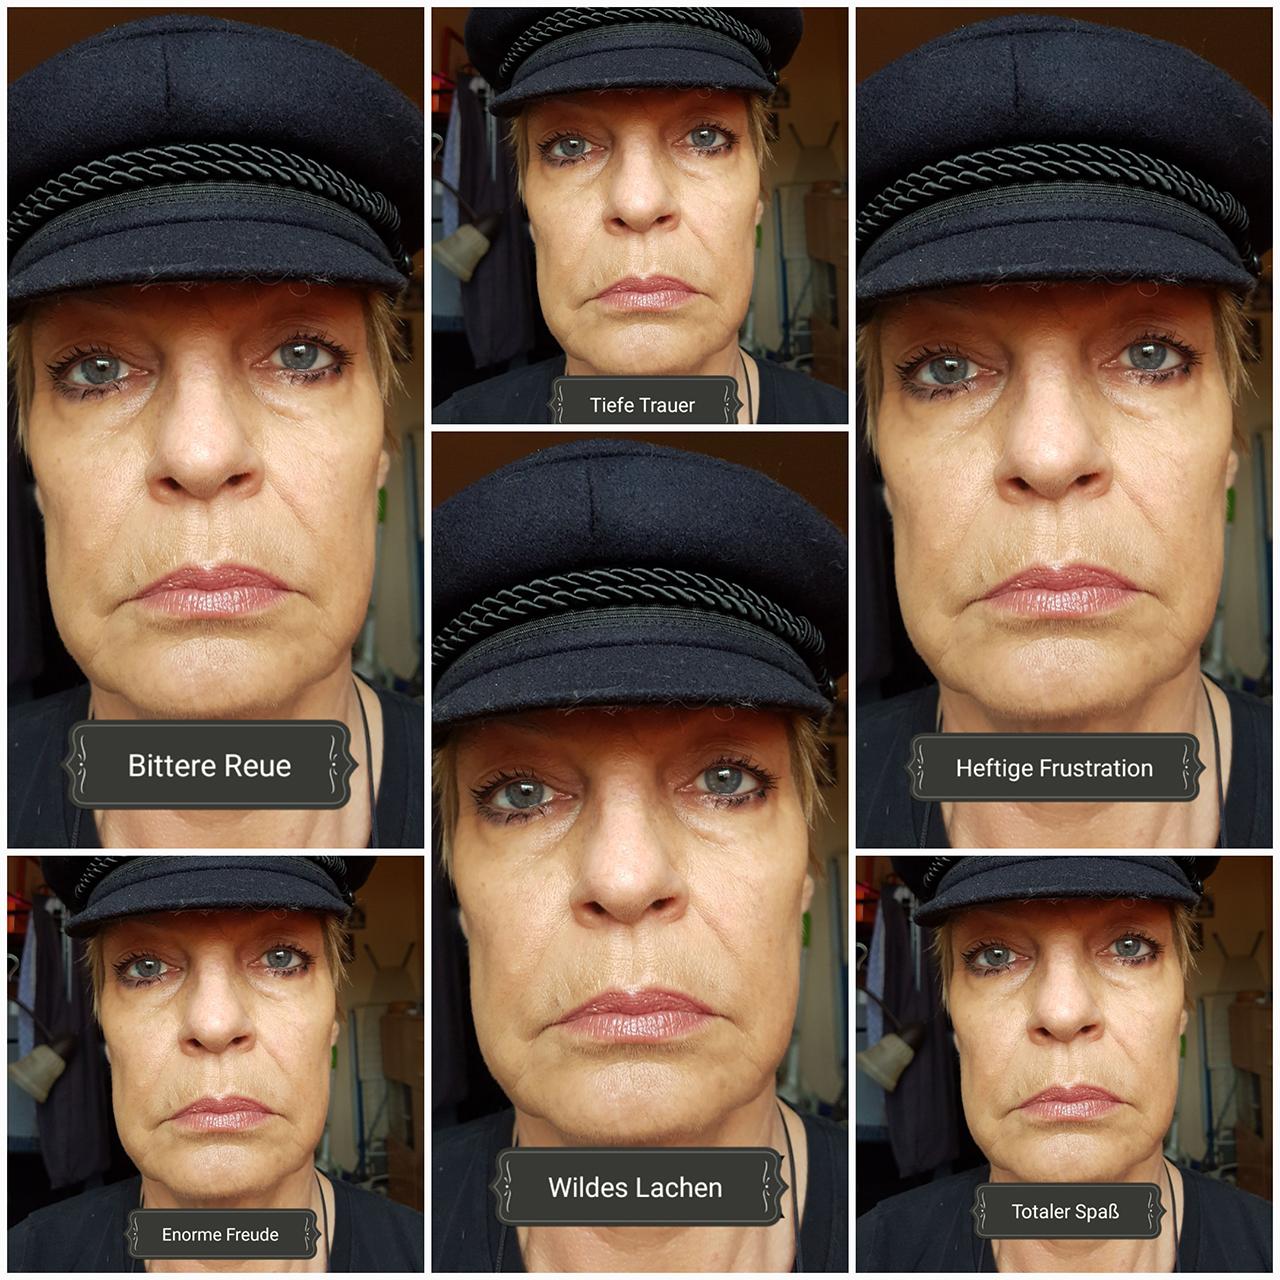 Typische Emotionen in einem norddeutschen Gesicht